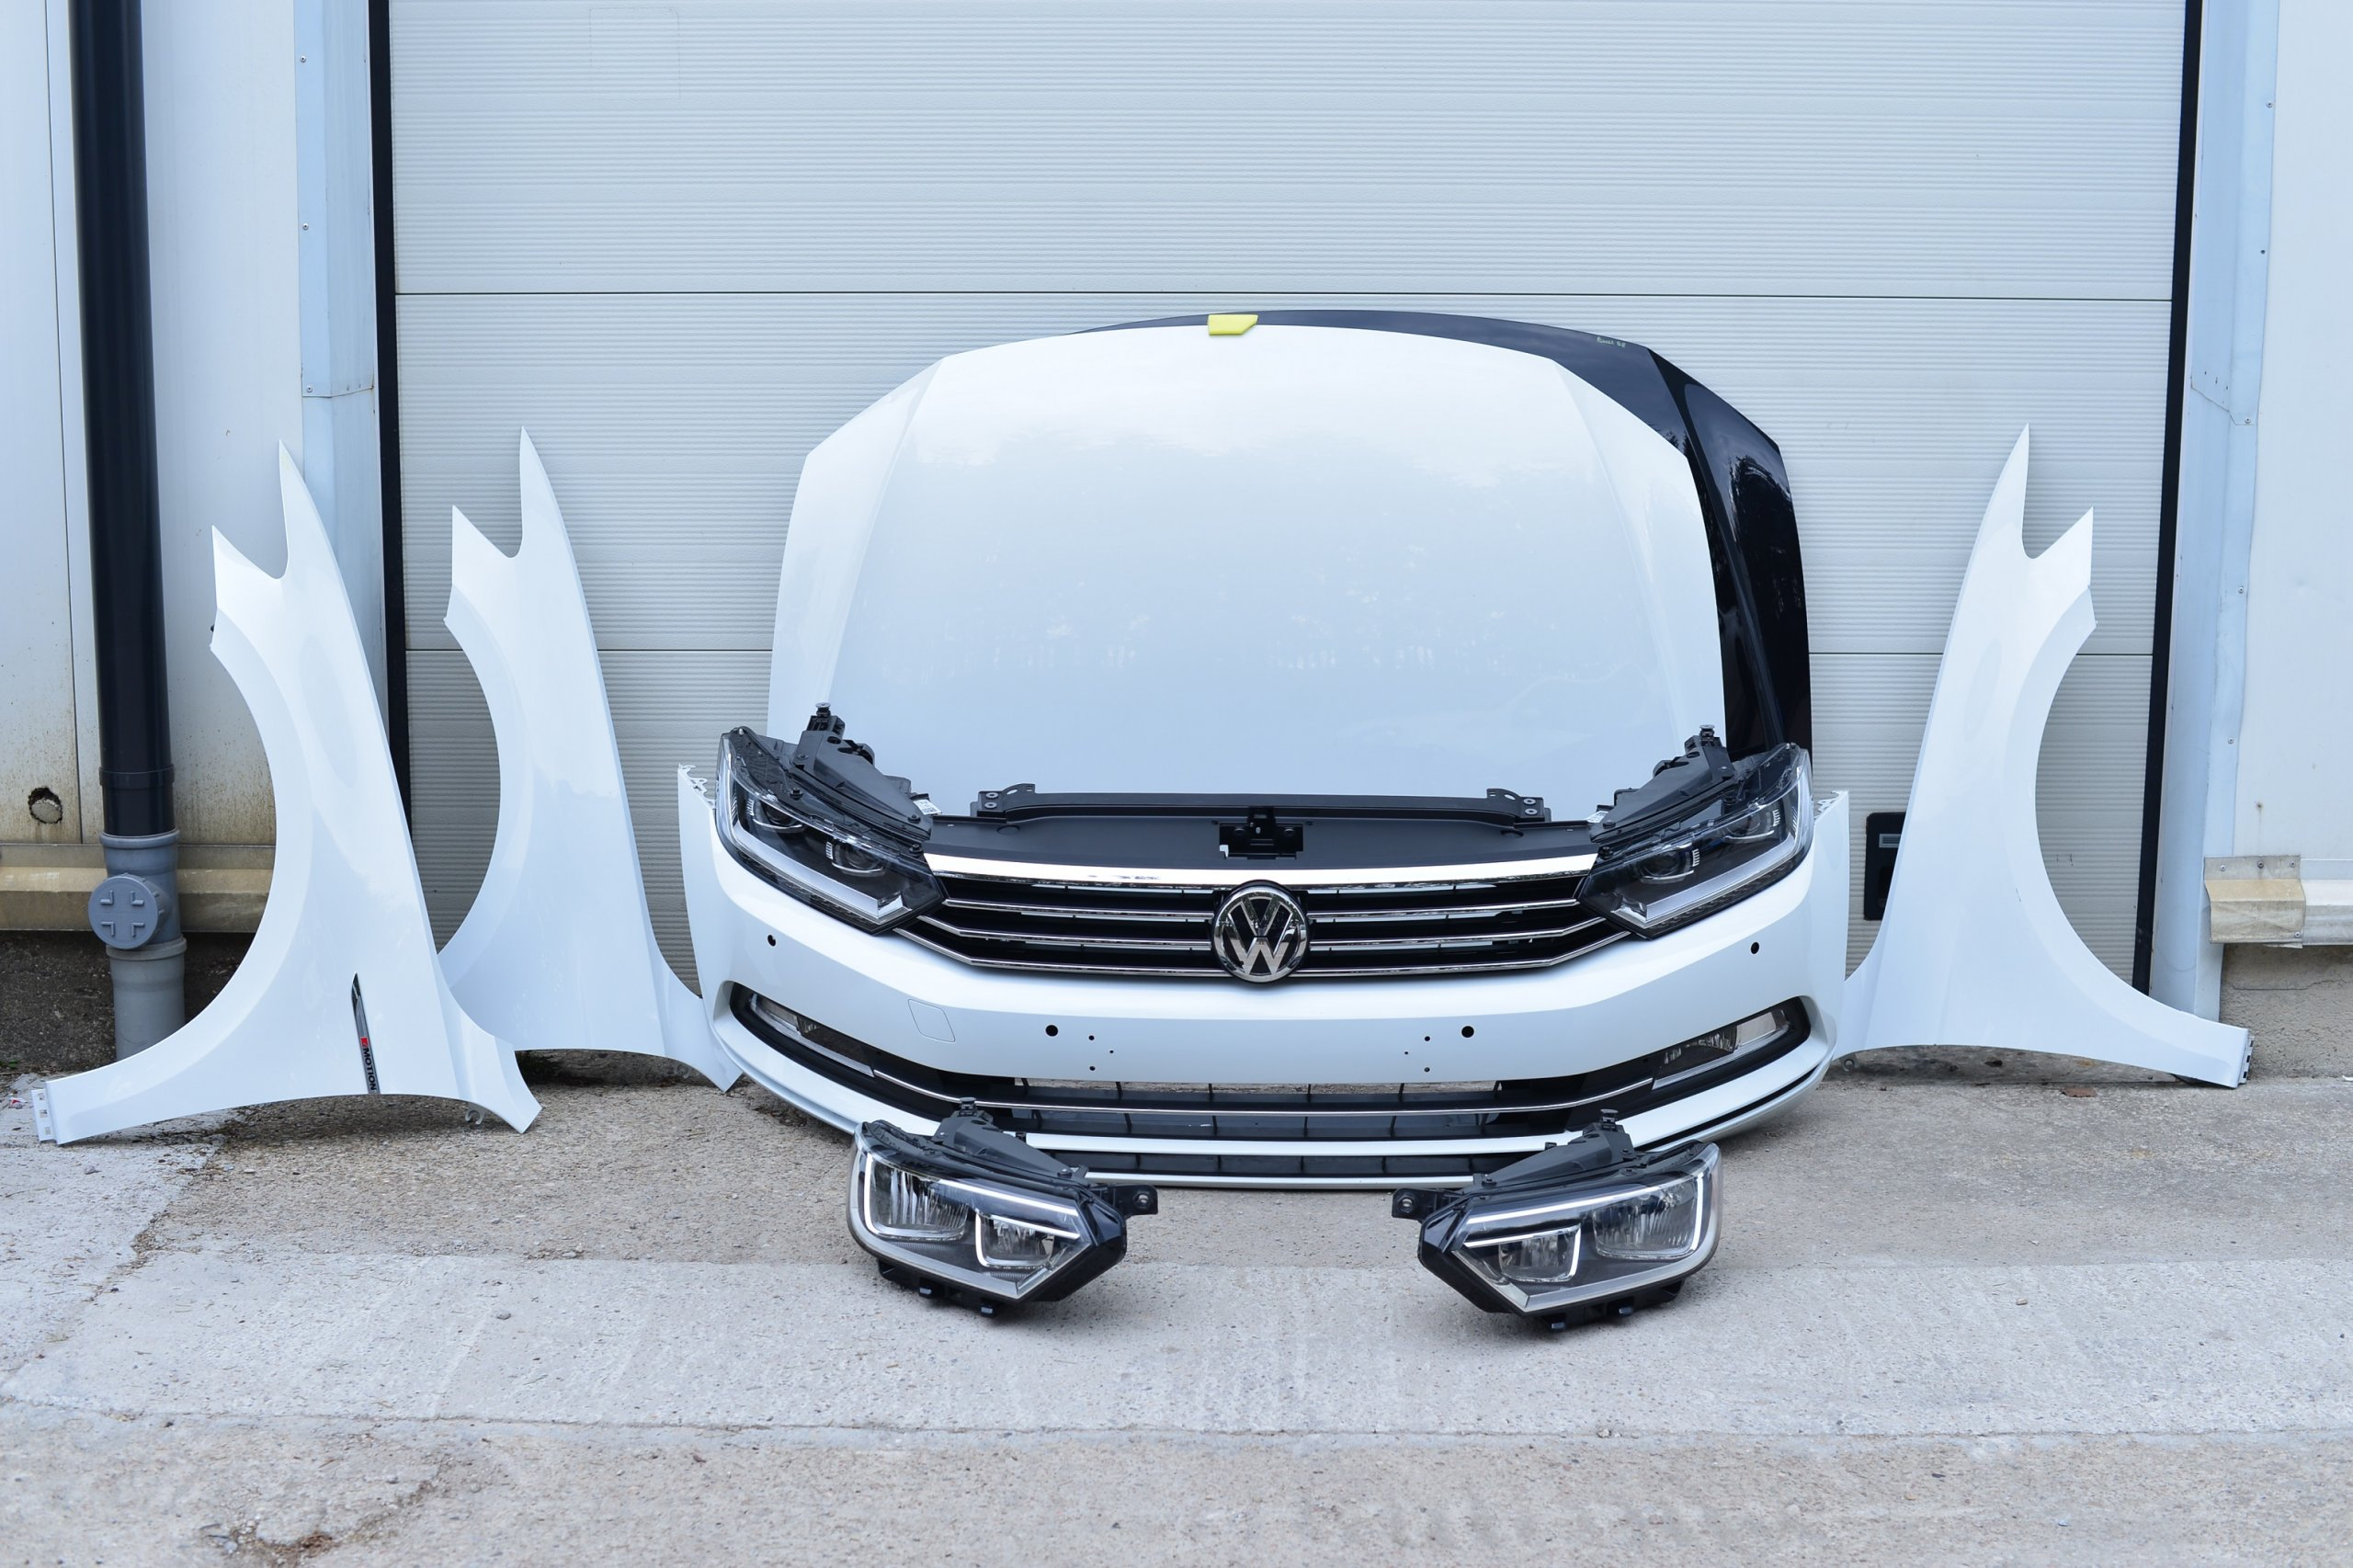 [КАПОТ ZDERZAK КРЫЛО REFLEKTOR PAS VW PASSAT B8 из Польши]изображение